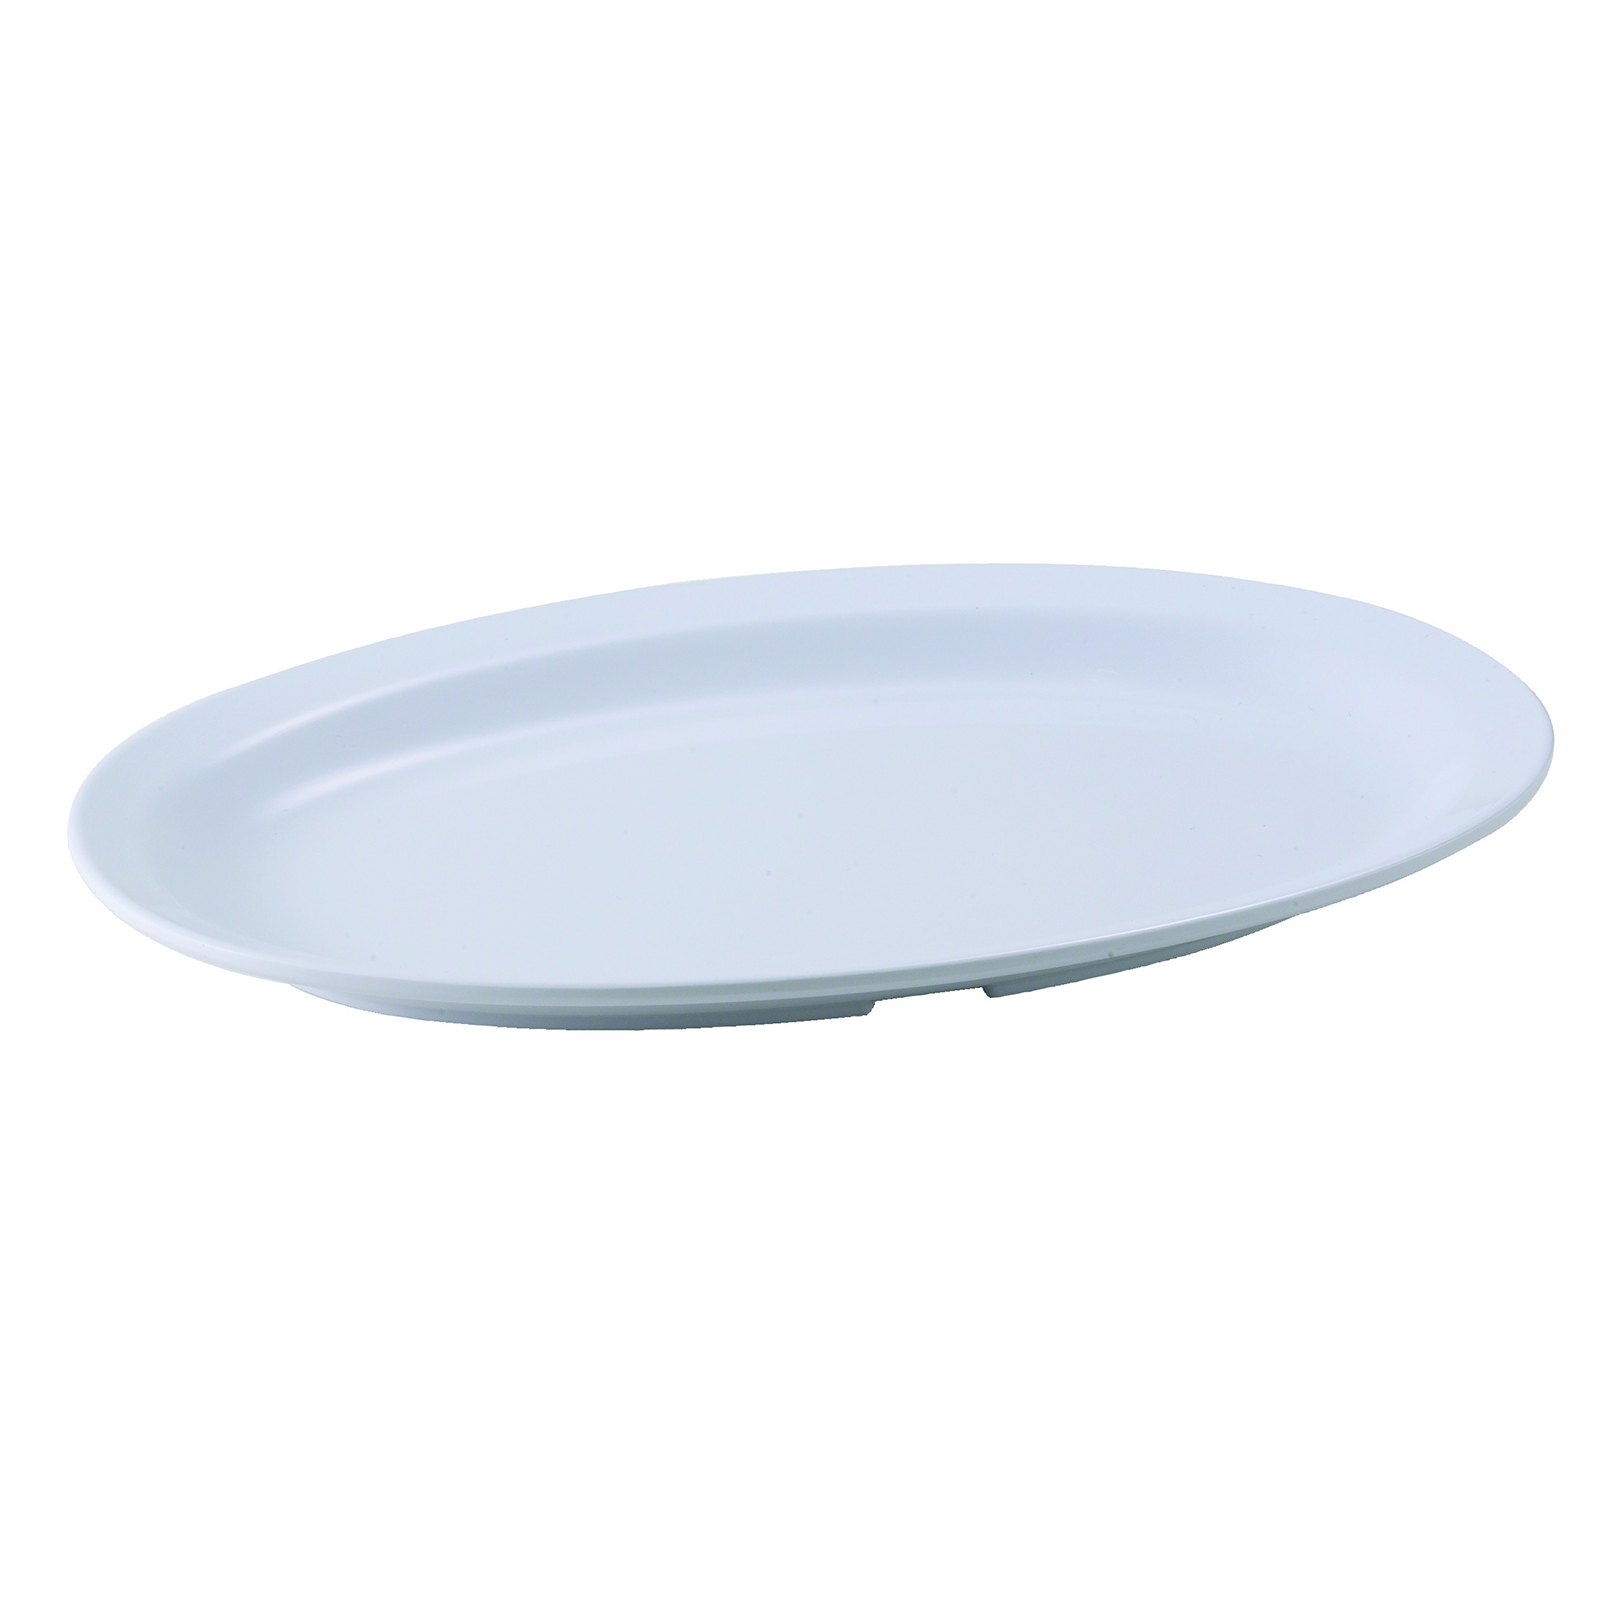 Winco MMPO-118W platter, plastic